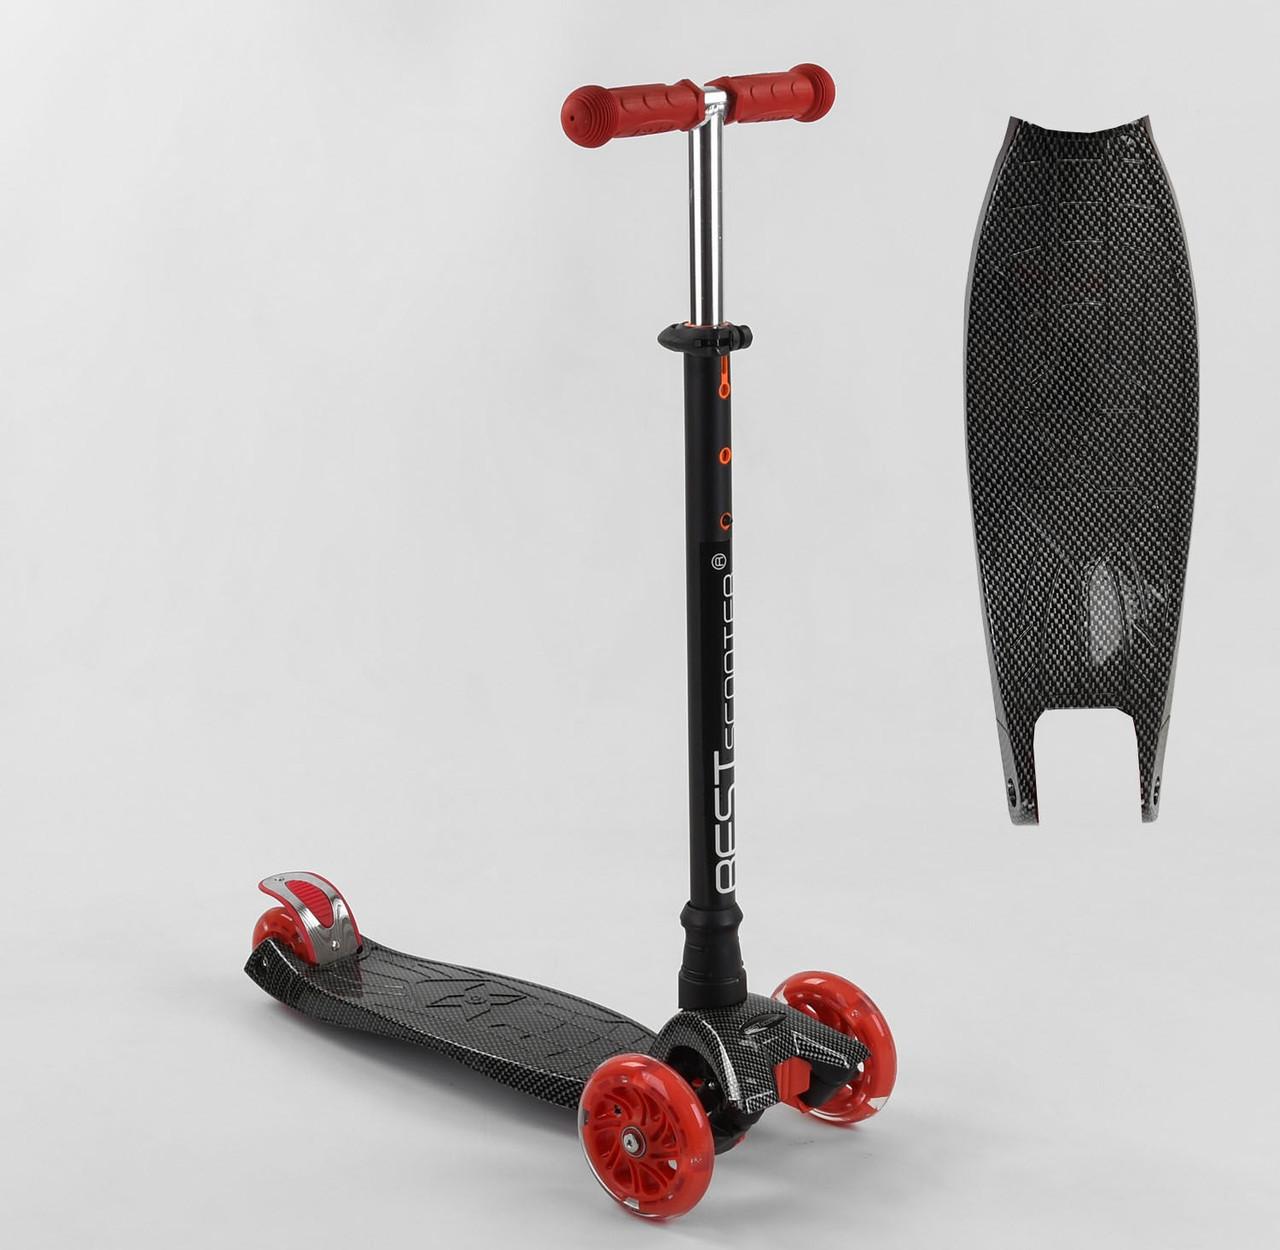 Устойчивый самокат с наклонным поворотом руля Best Scooter A 25772 /779-1524, колеса светятся